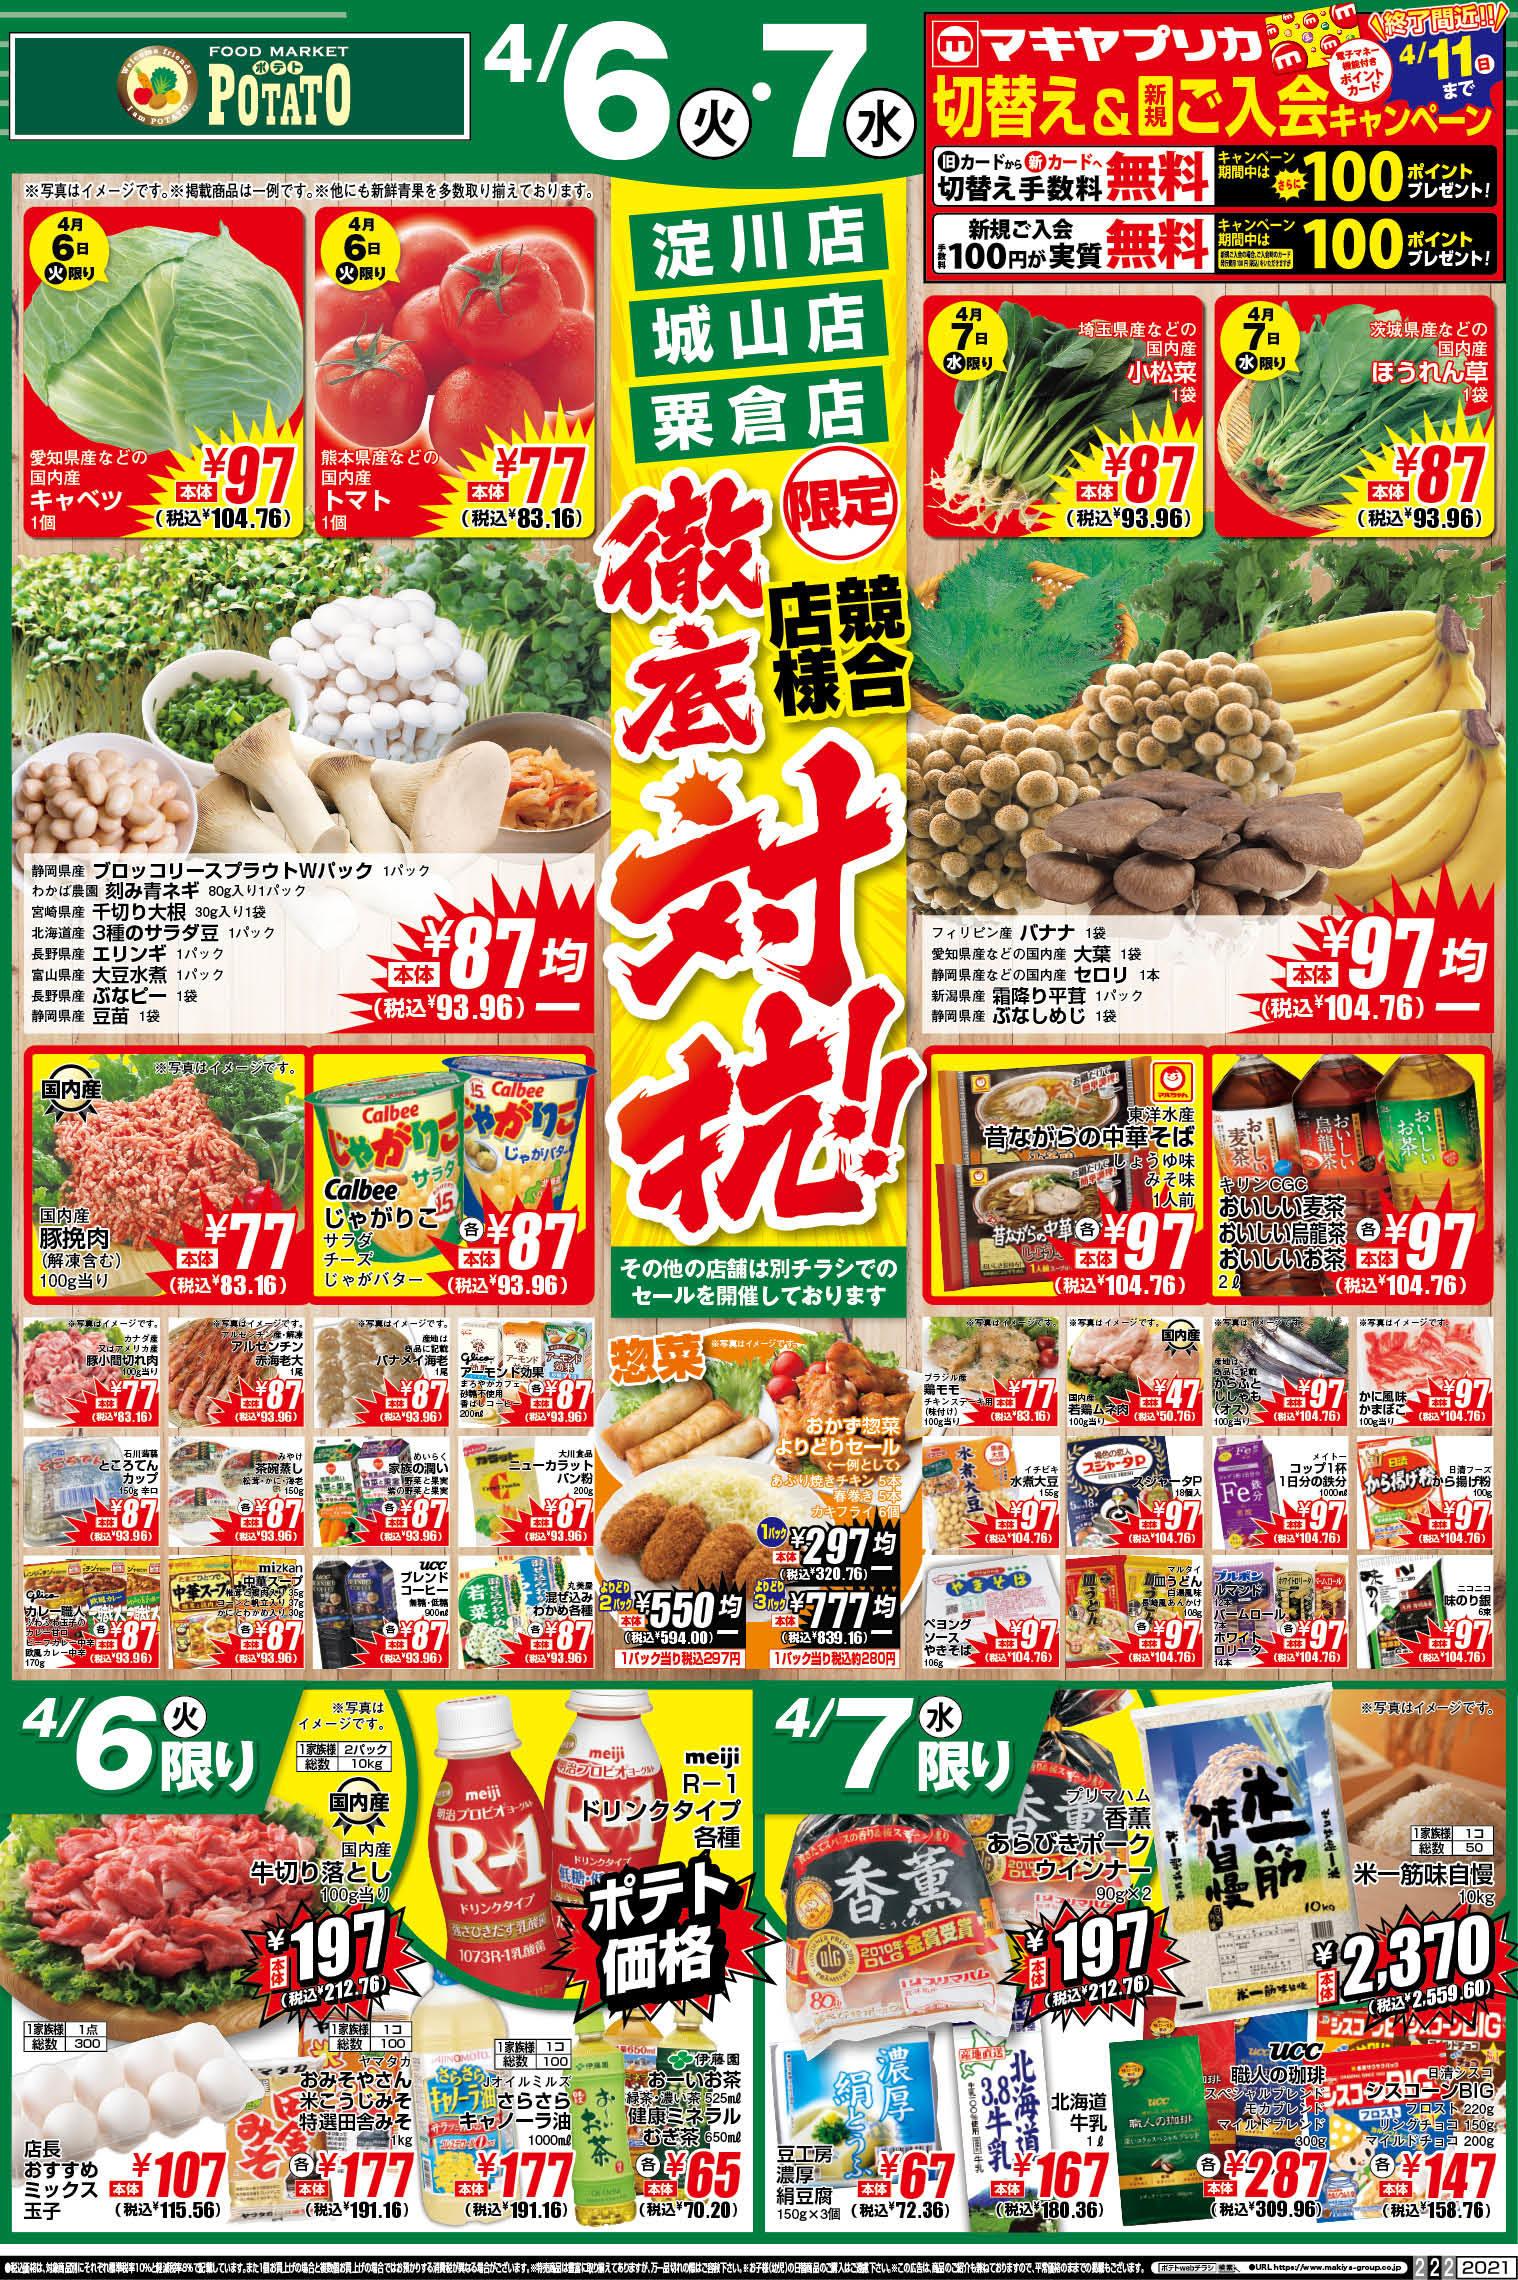 富士宮 チラシ イオン イオンのチラシ掲載店舗・企業|シュフー Shufoo!